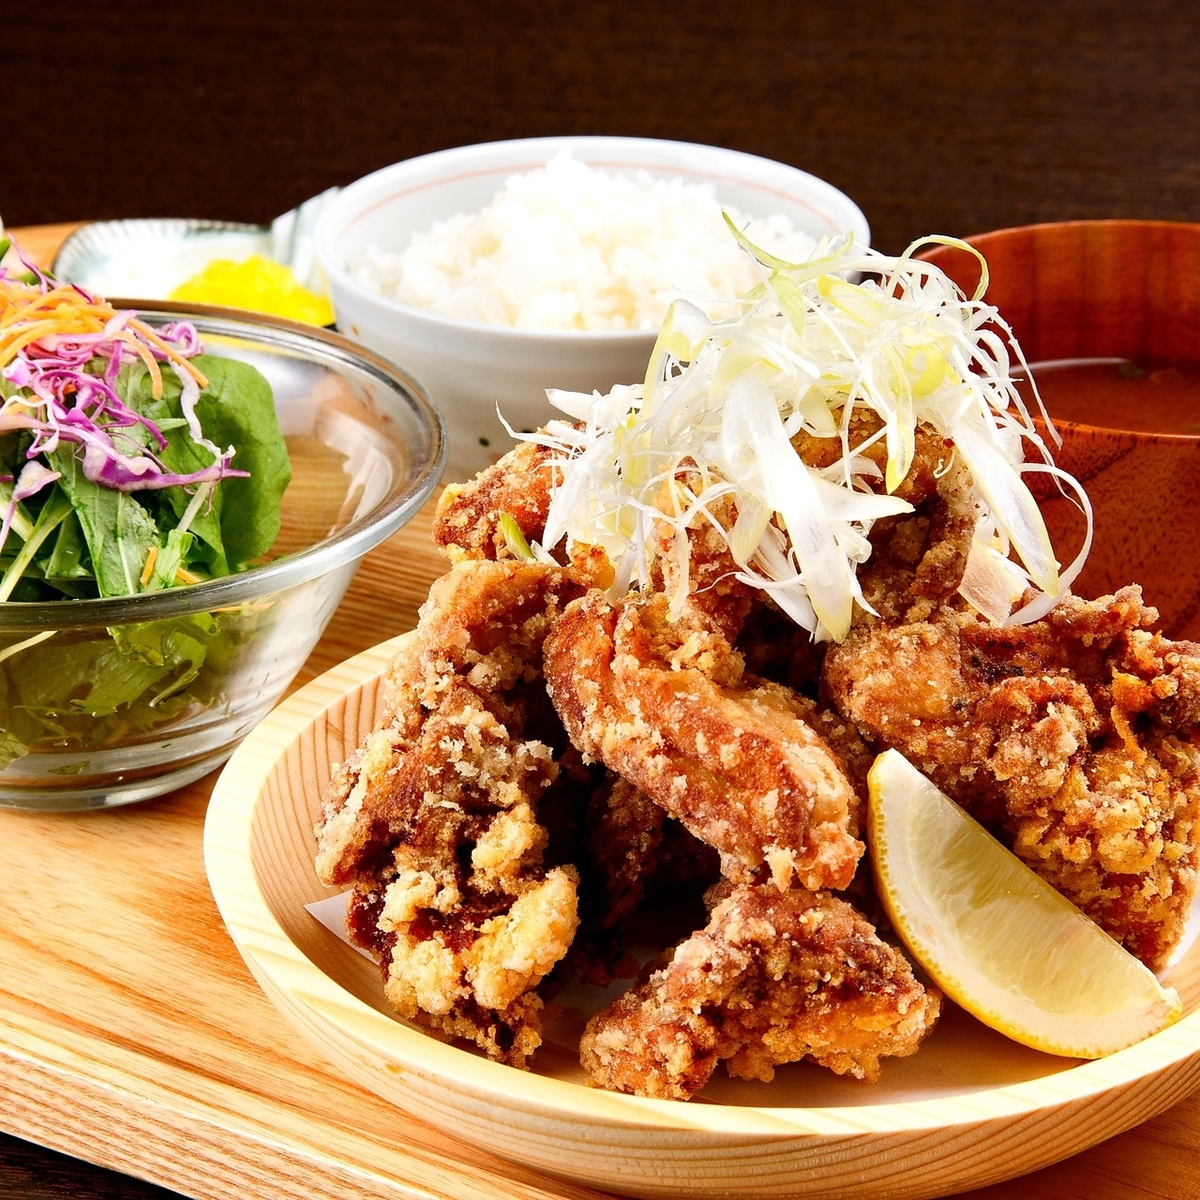 Fried chicken mountain set menu 【Mt. Fuji 250 g】